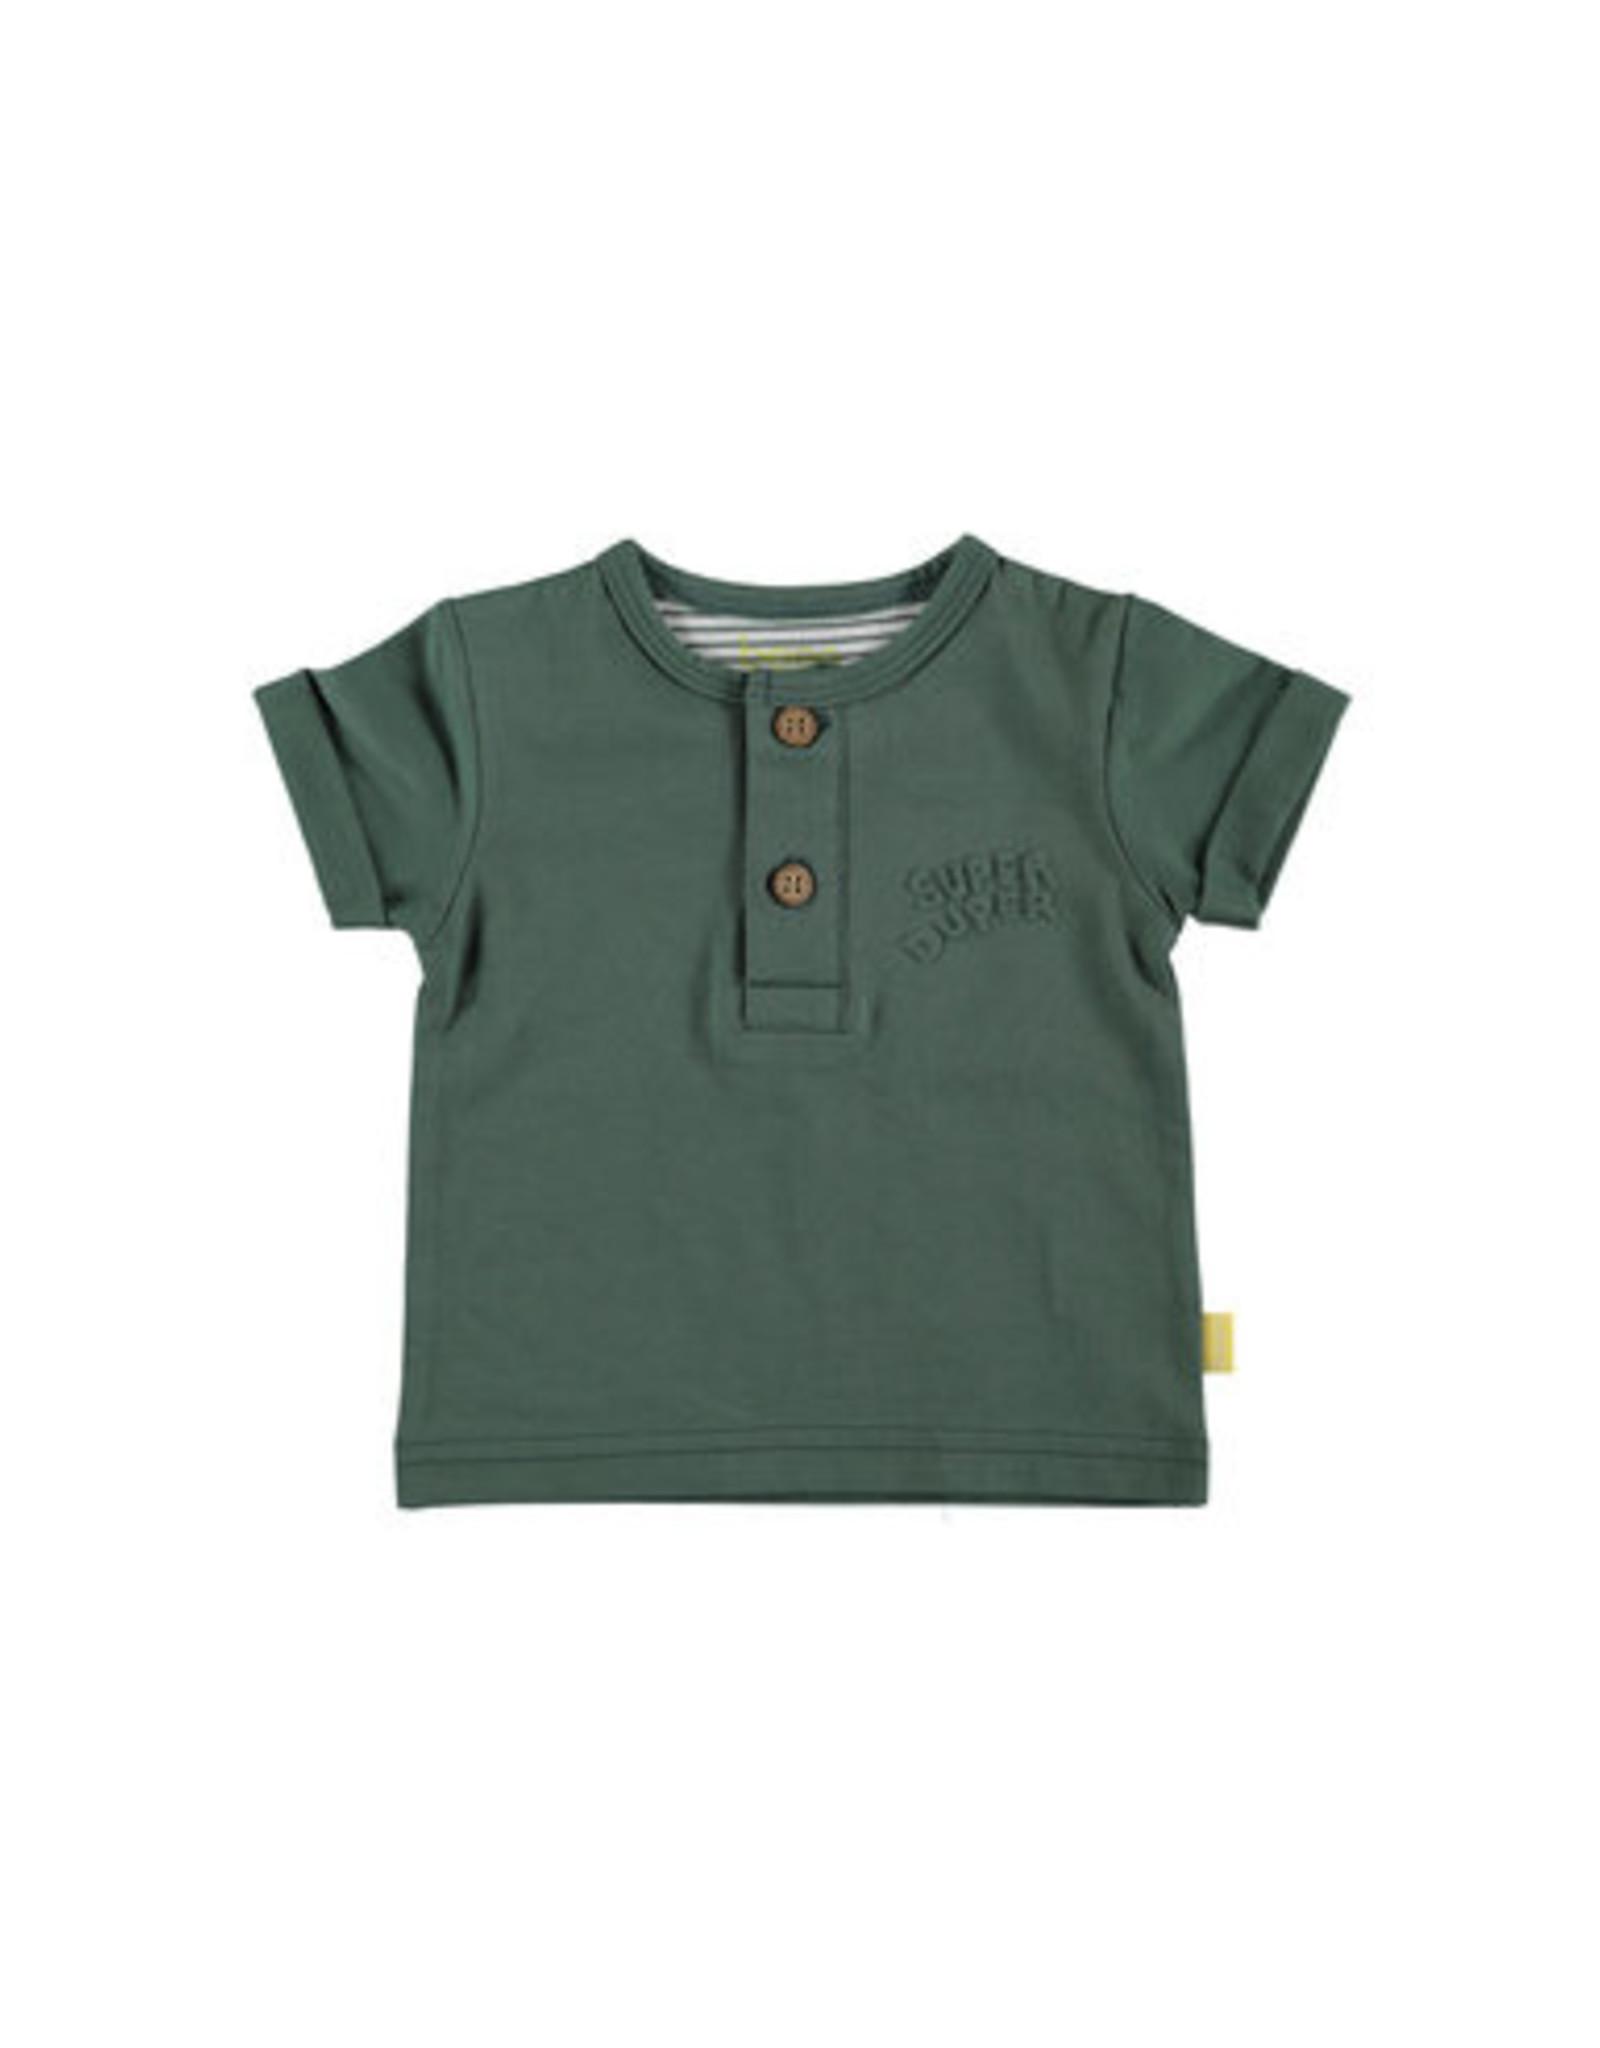 BESS Bess Green Shirt Sh.sl Henley